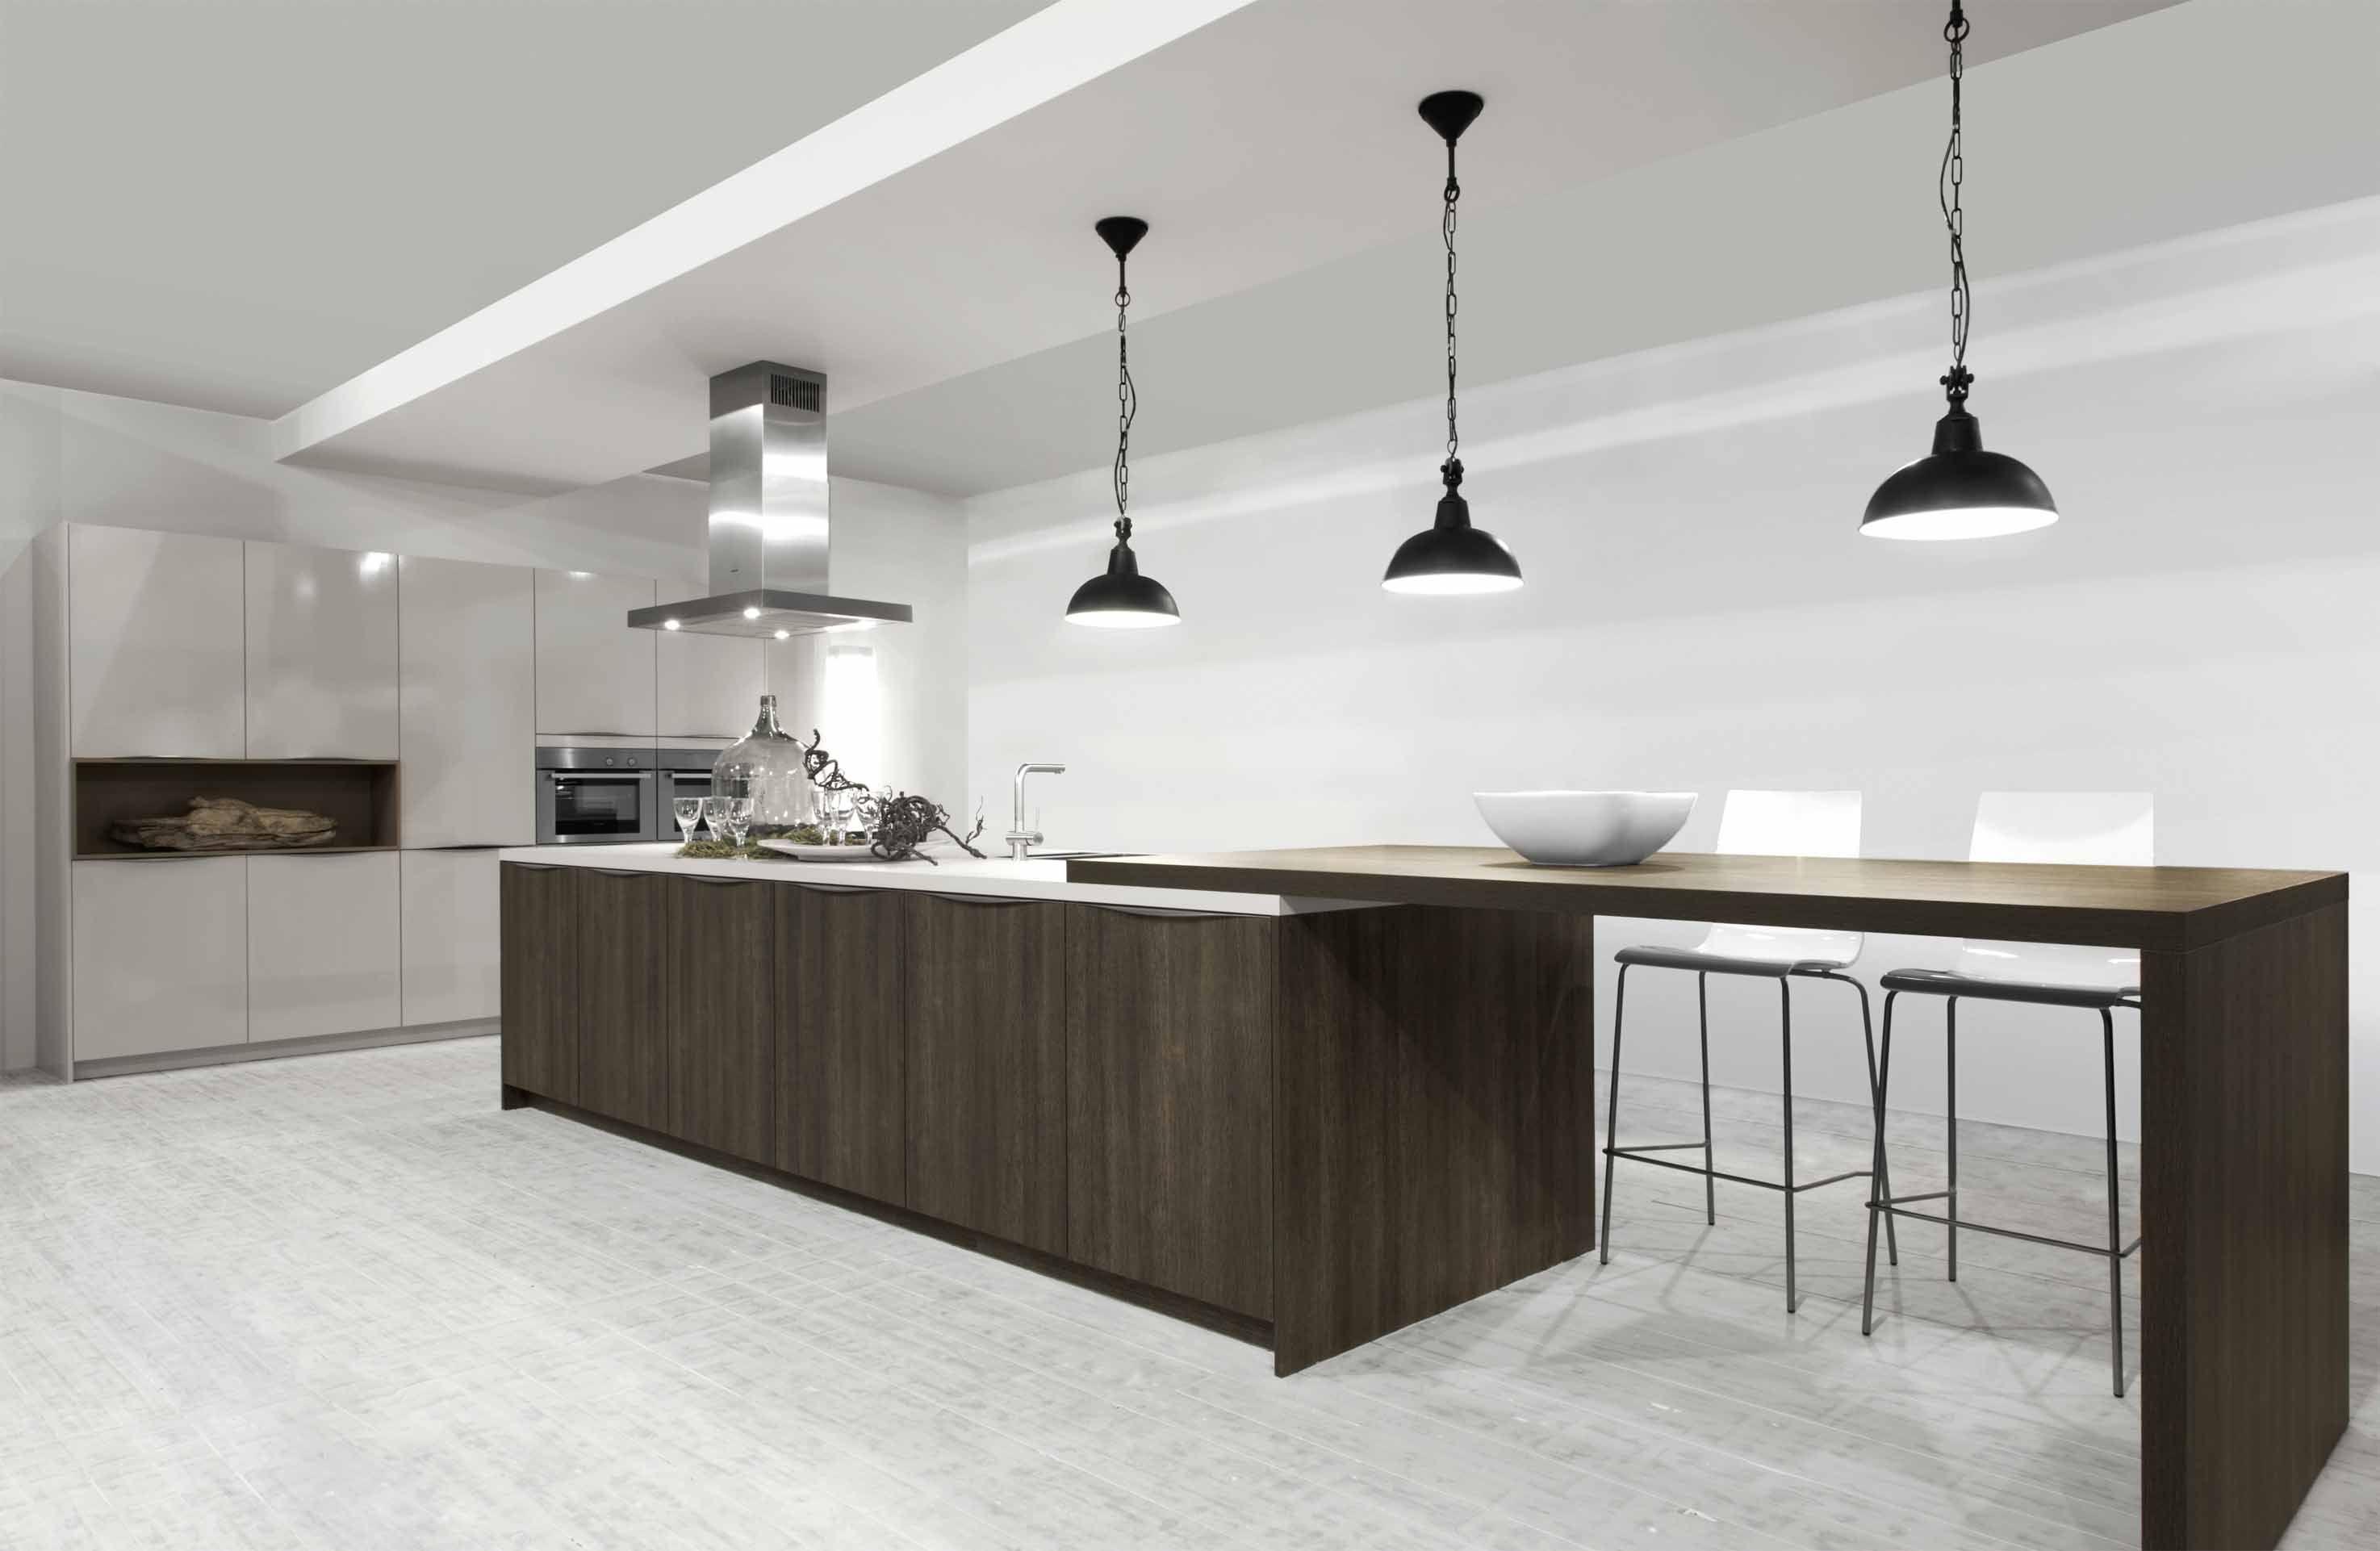 Grote Keuken Showroom : keukens voor zeer lage keuken prijzen Grote eilandkeuken met